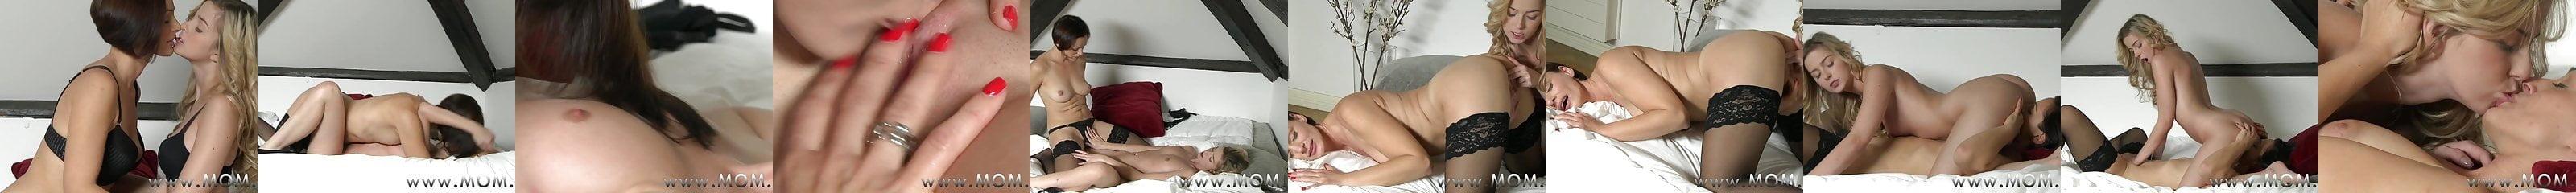 free hard lesbian sex